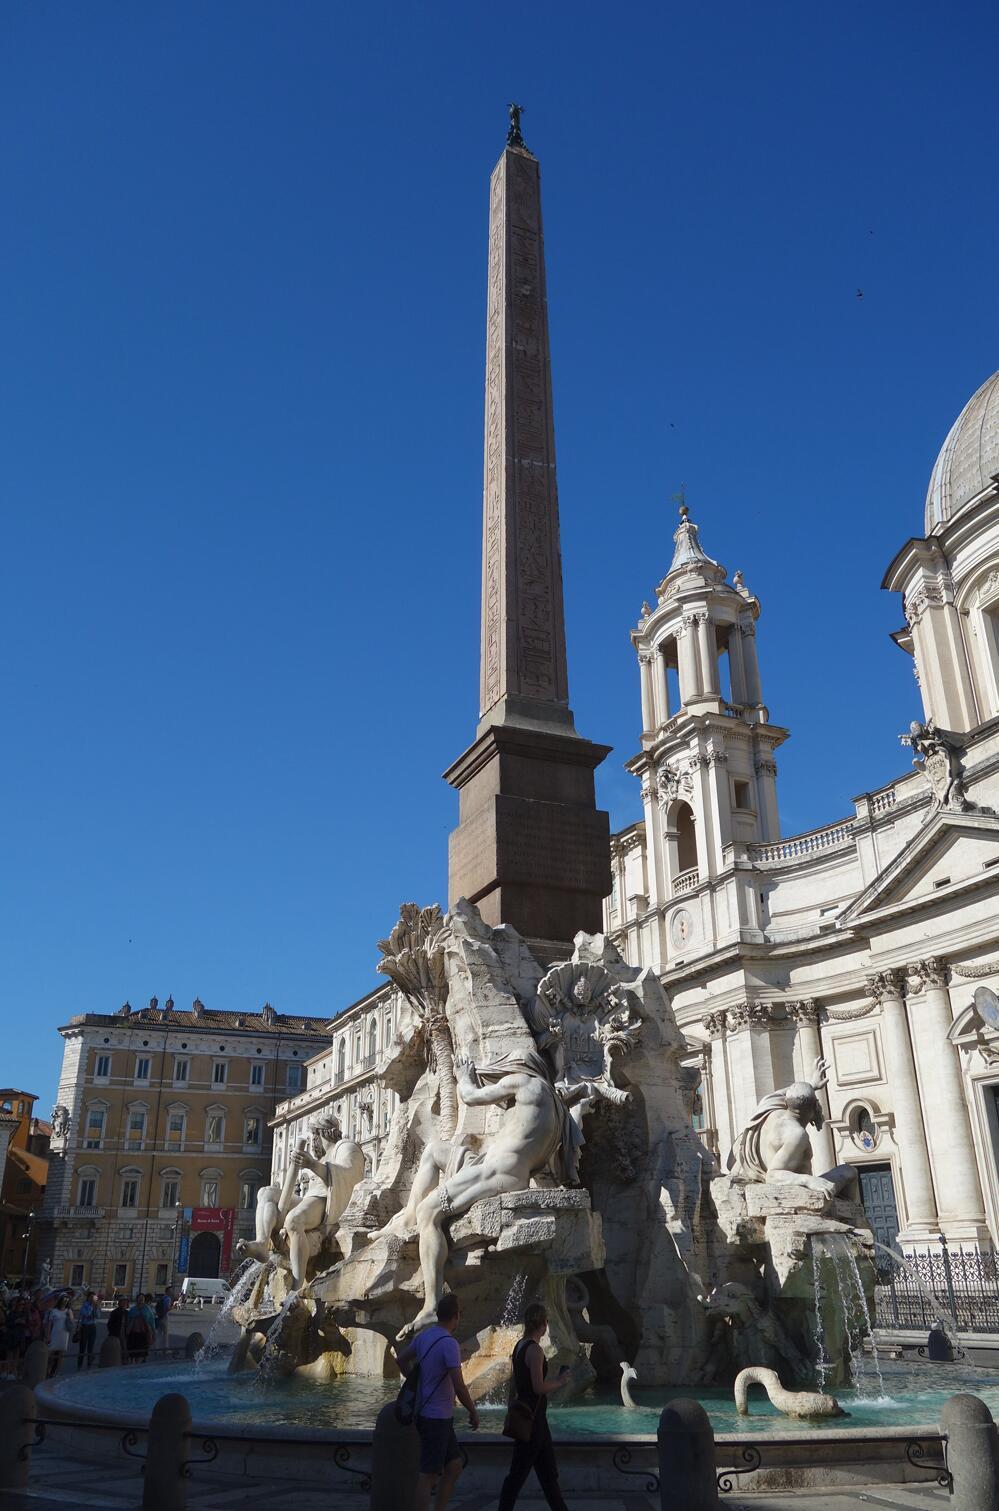 名作过眼:贝尔尼尼的喷泉雕塑01.jpg